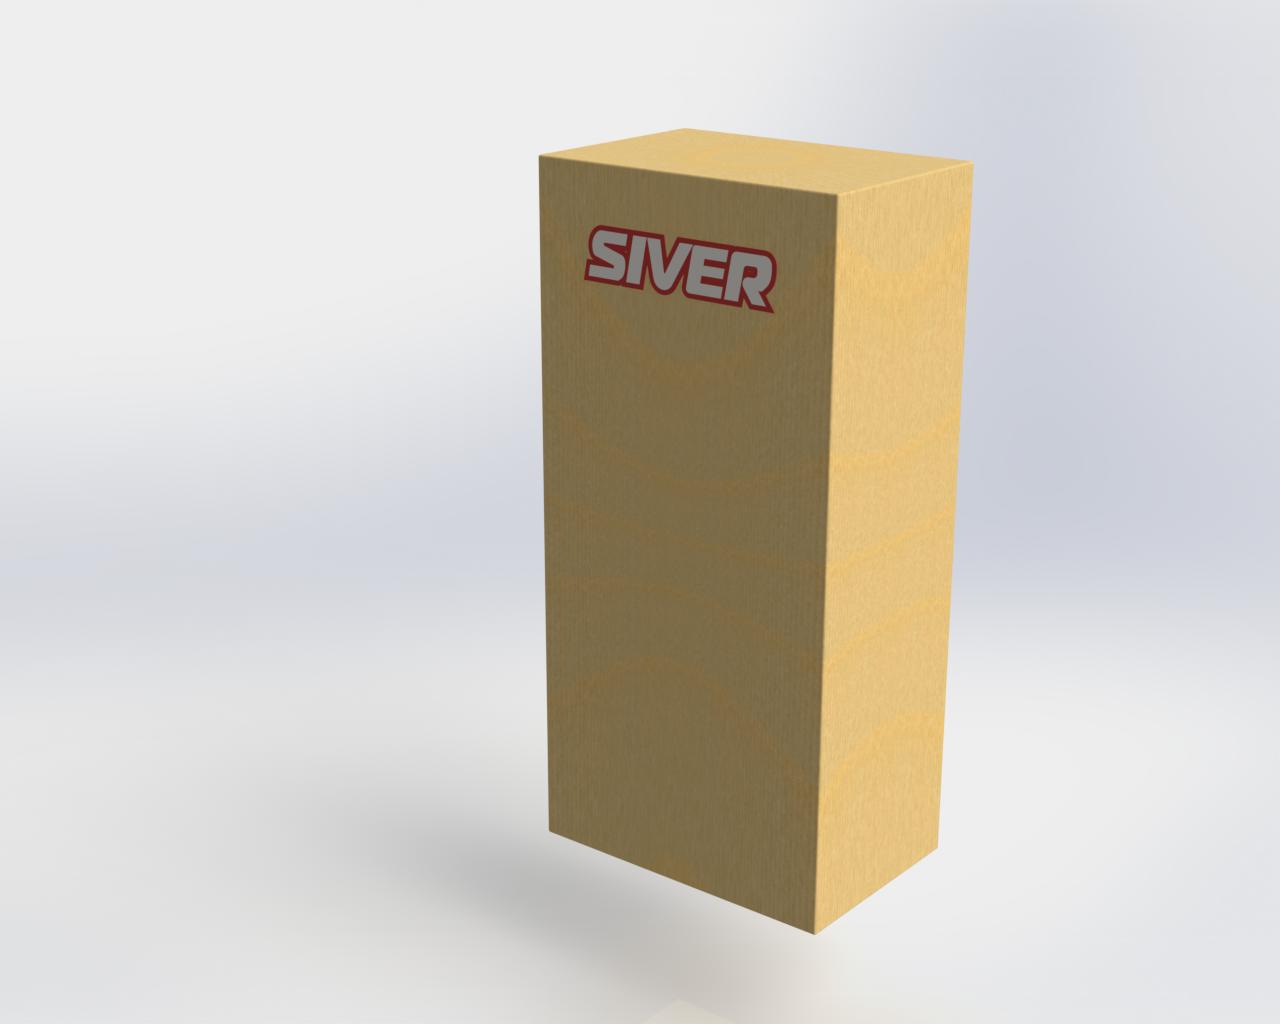 Siver_EL_gearbax_upac.png